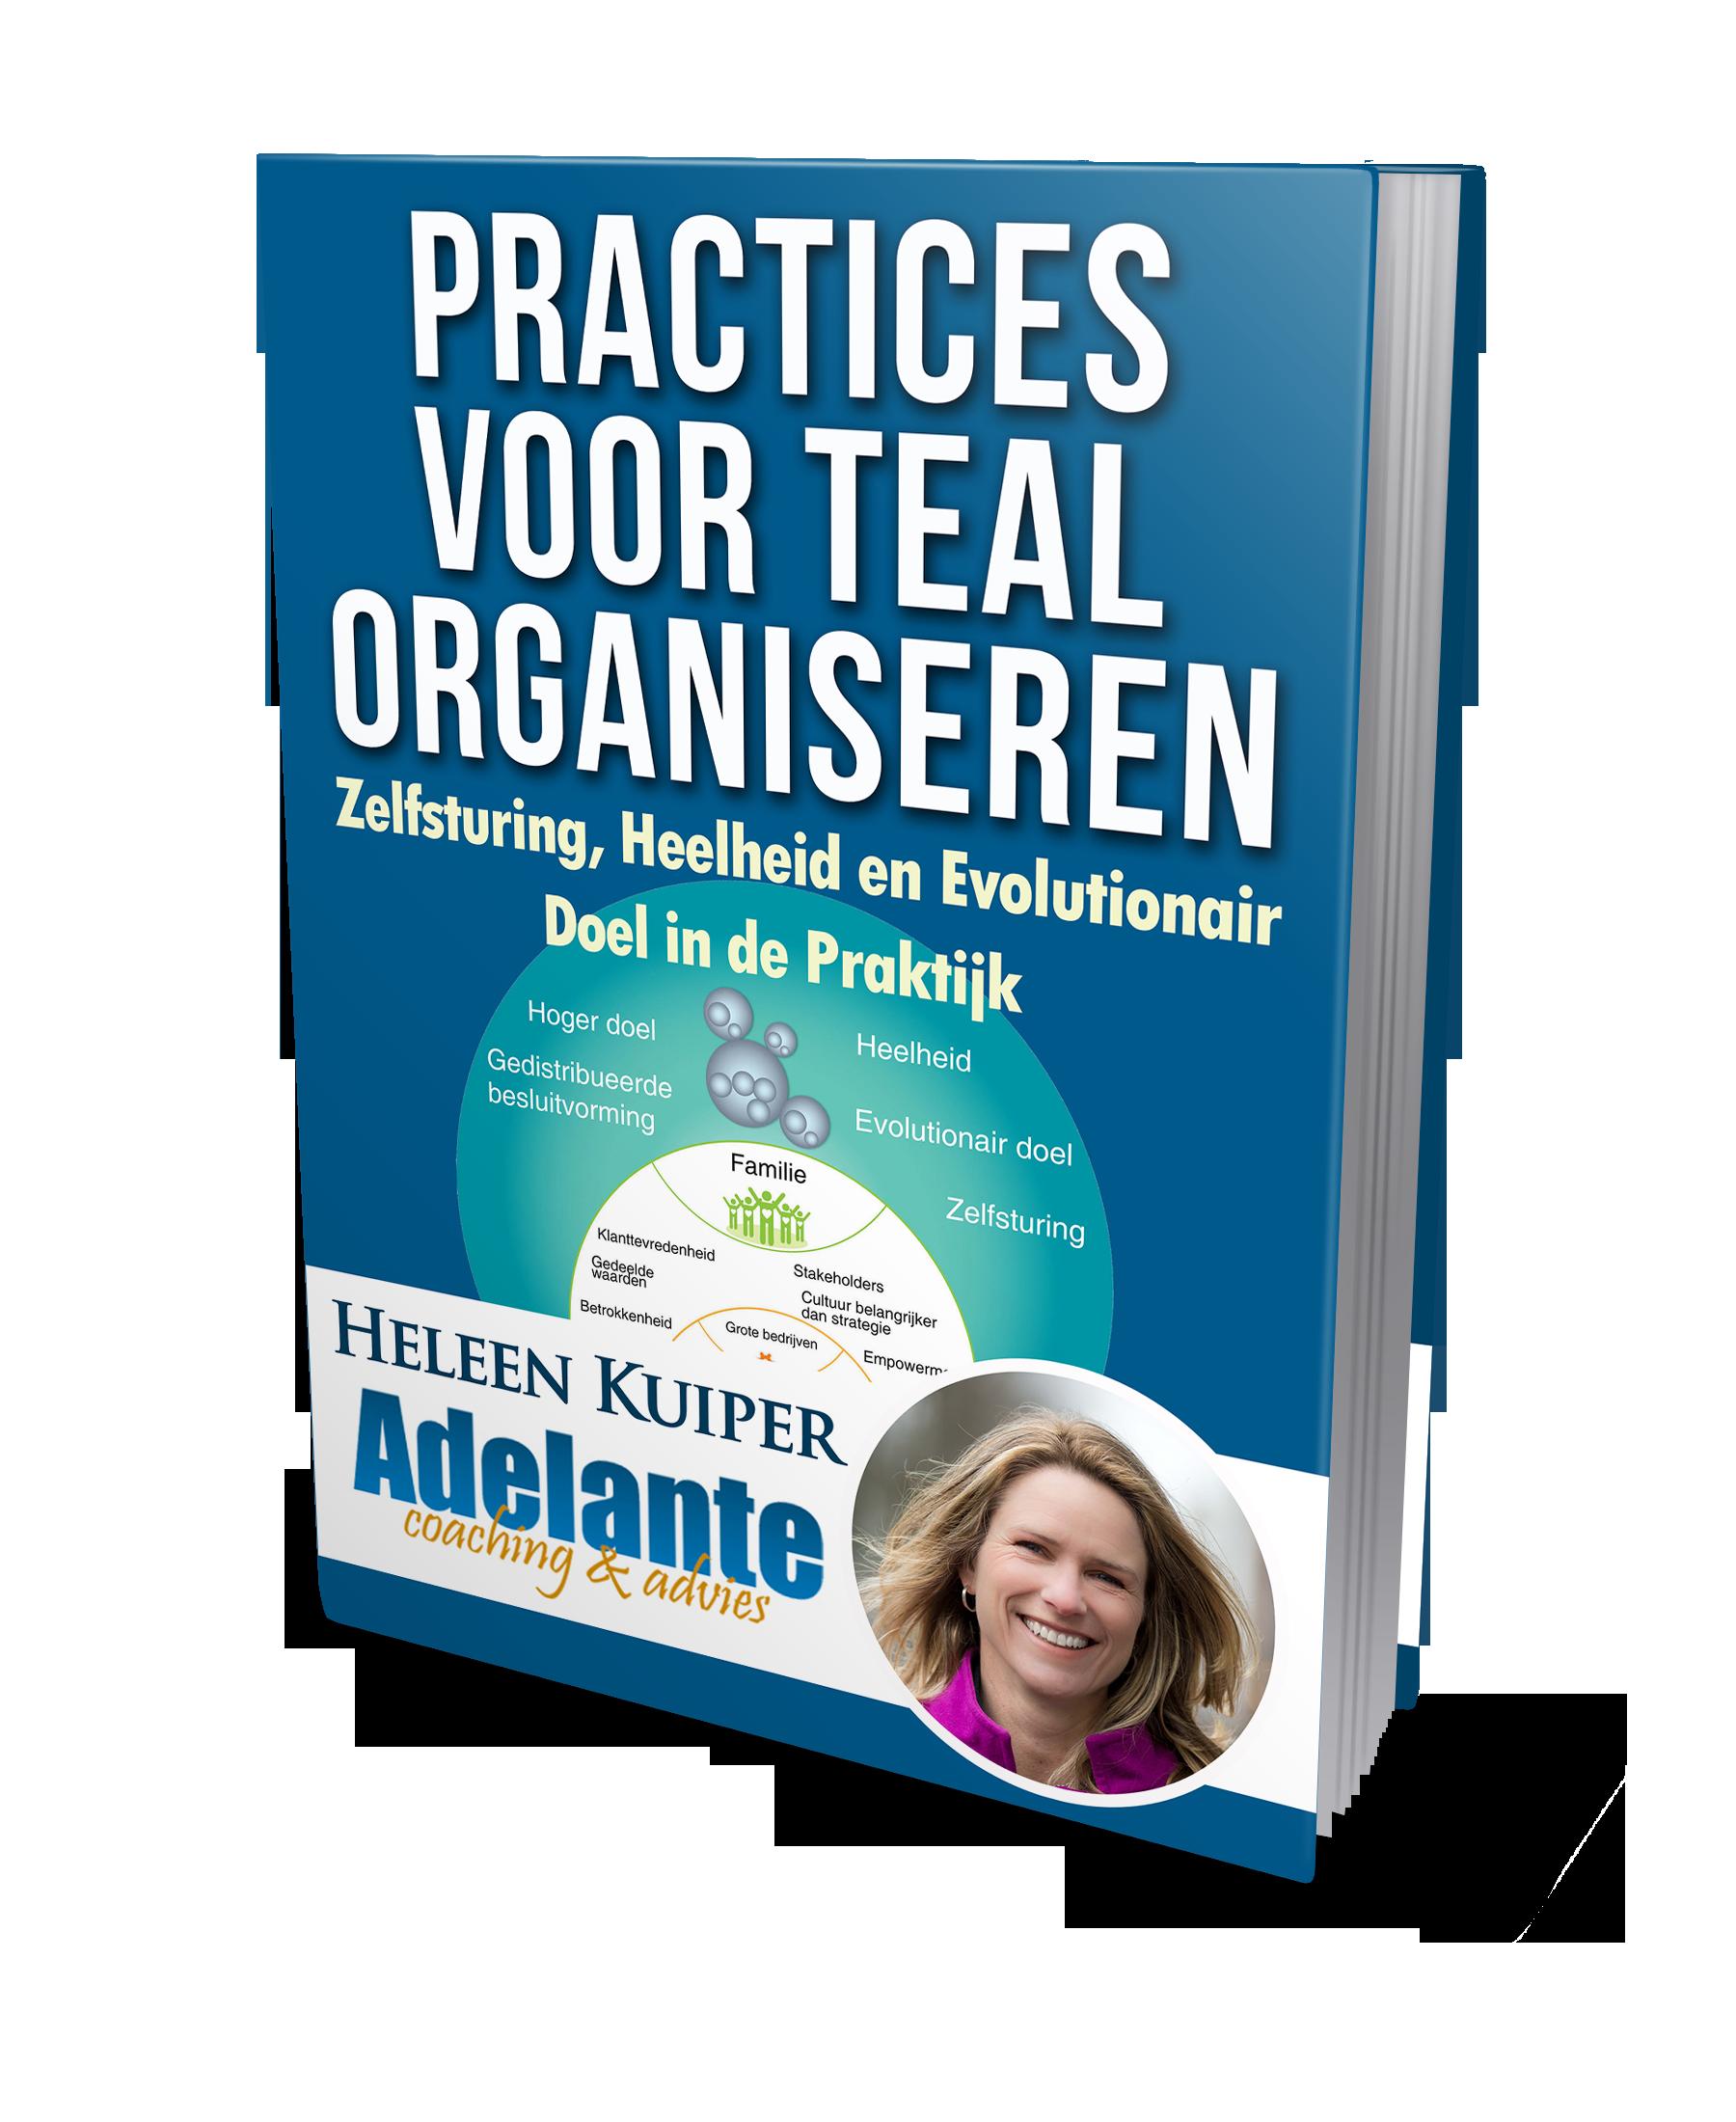 Practices voor Teal Organiseren